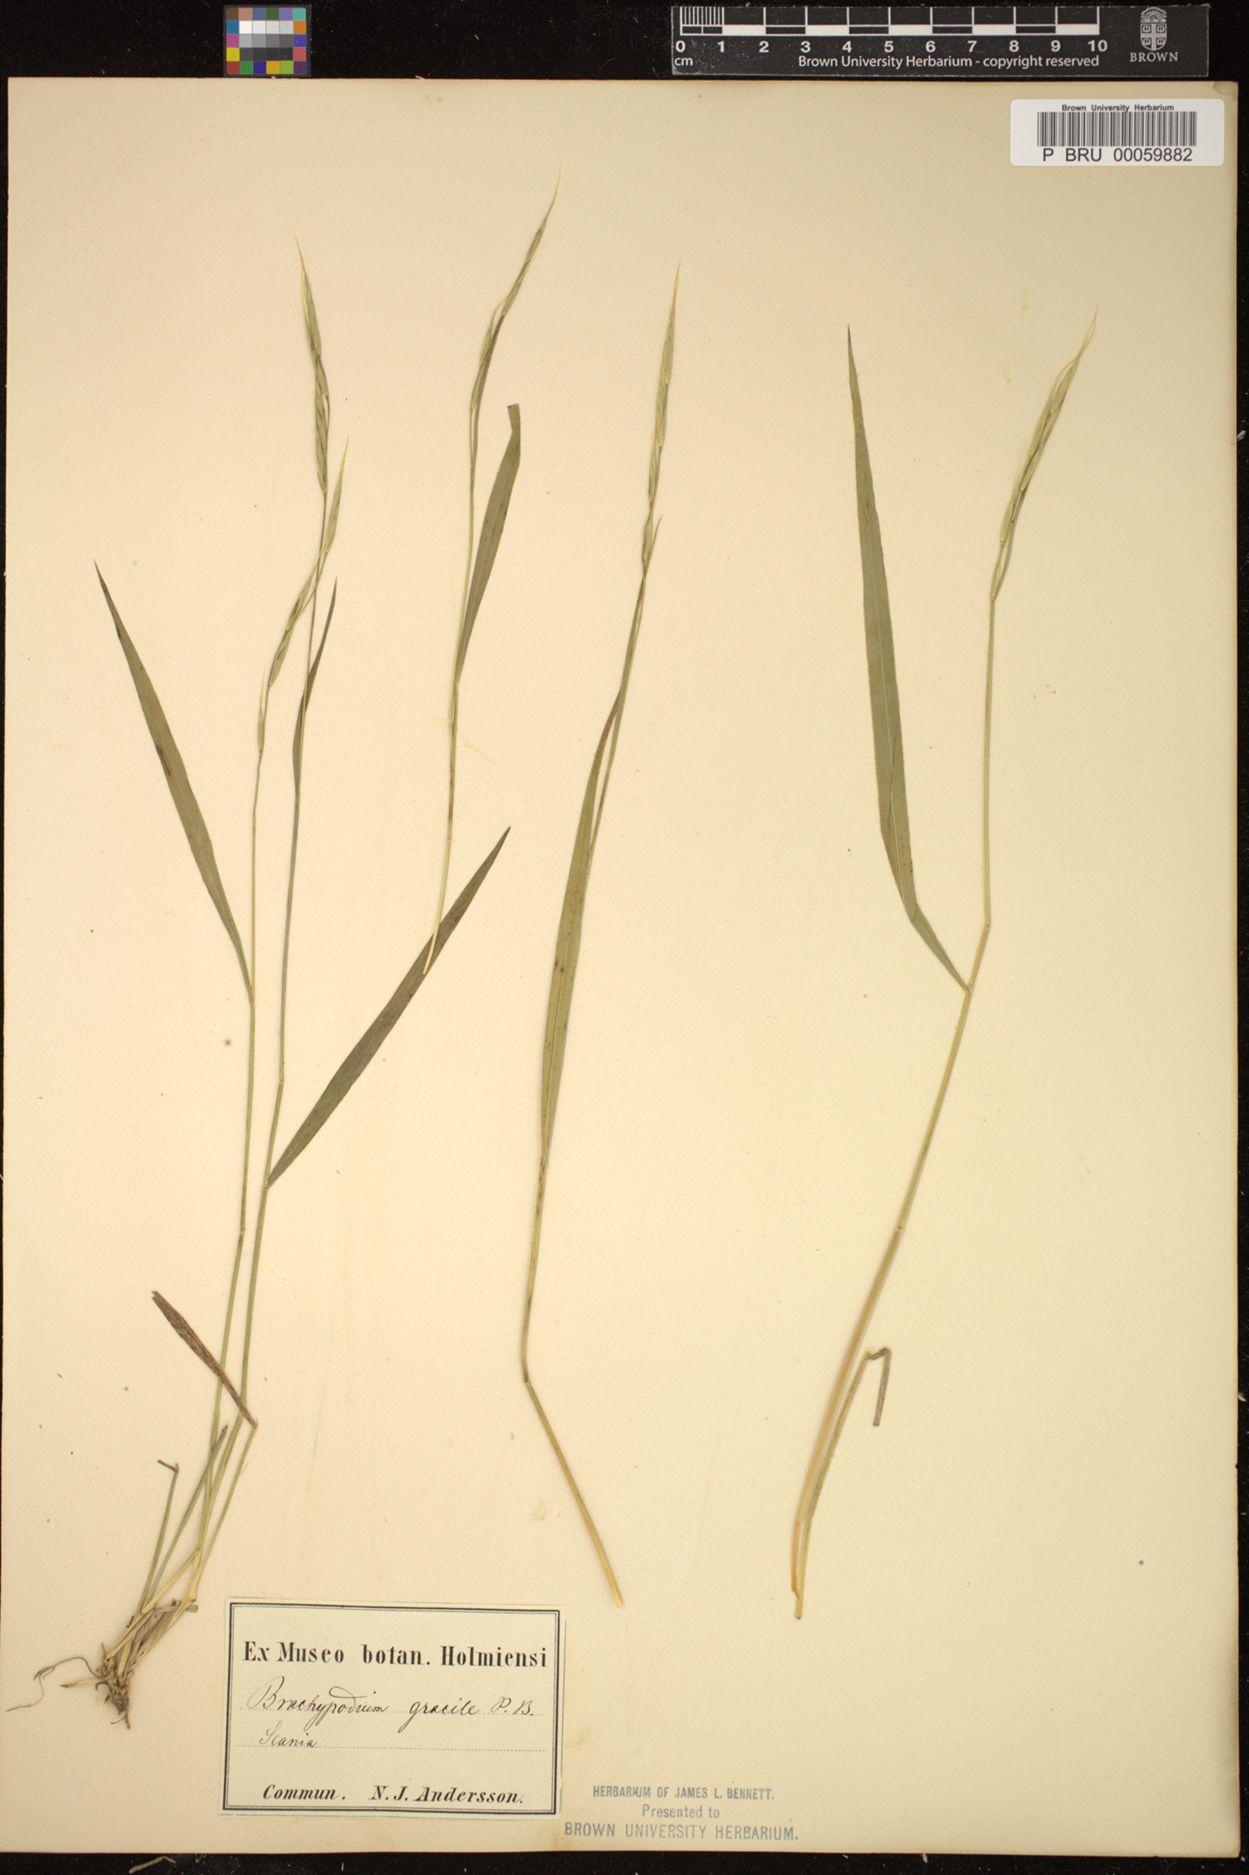 Brachypodium gracile image